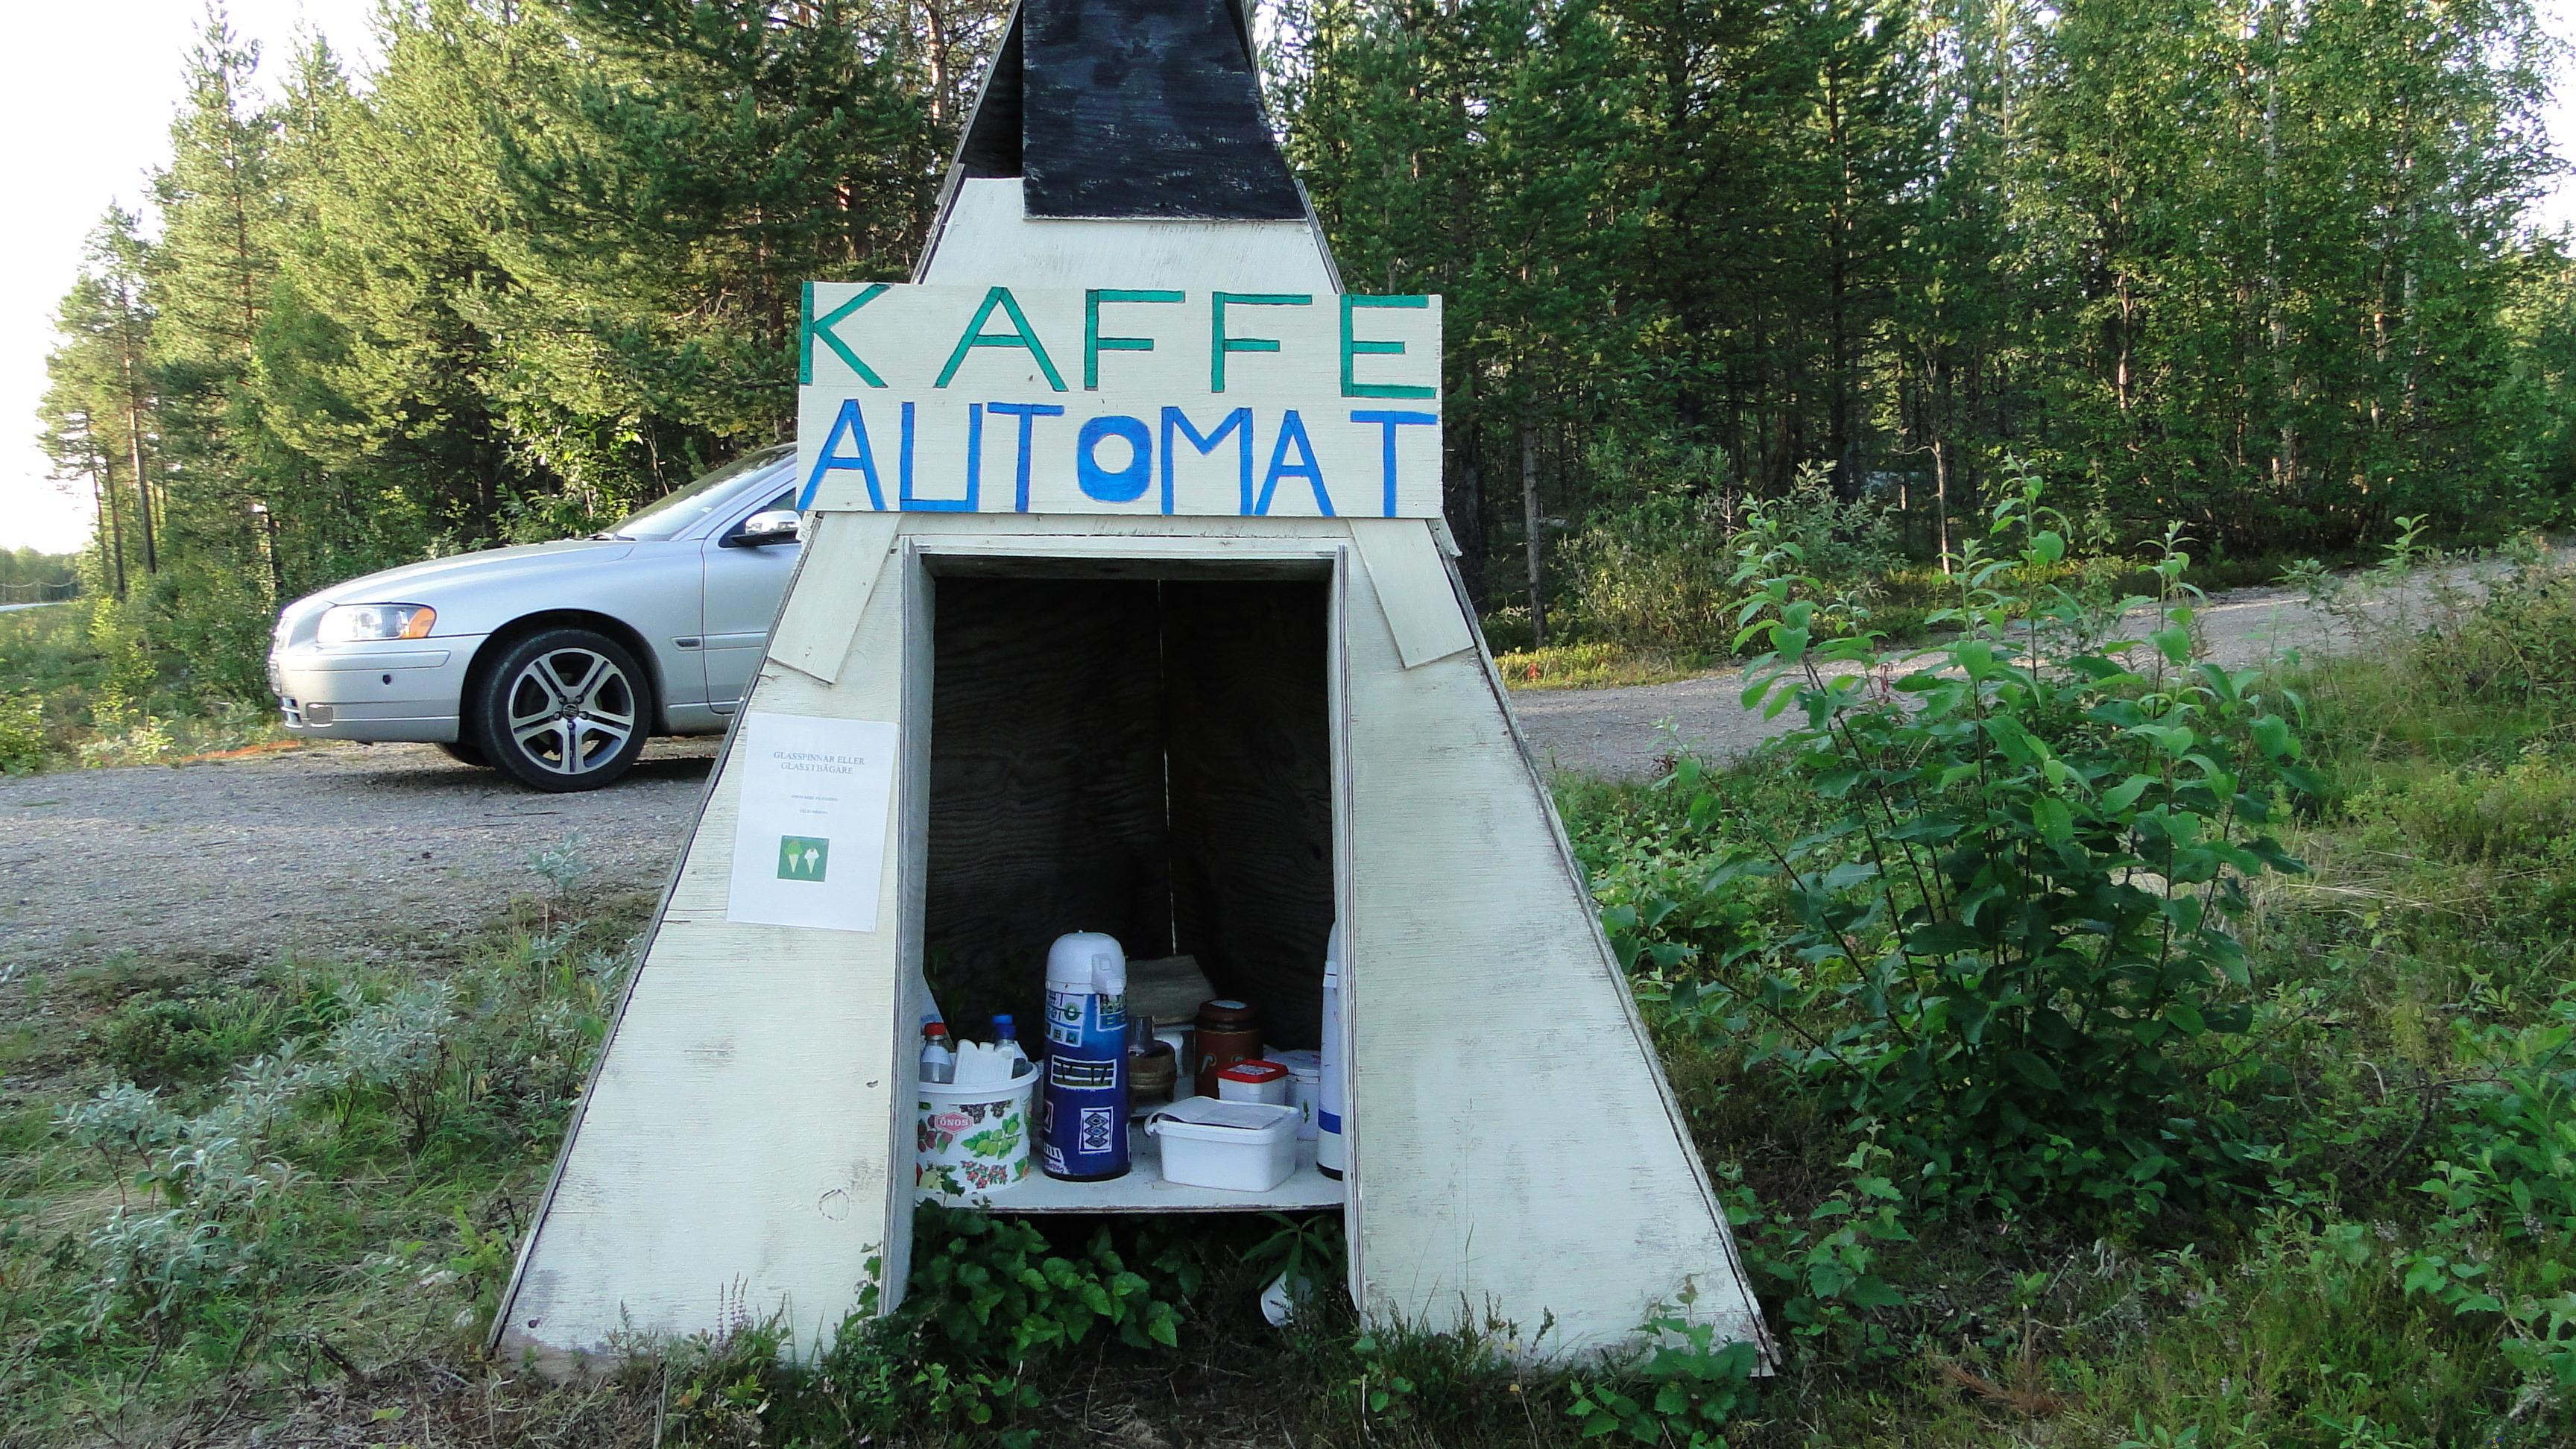 Ruotsalainen Kahvi